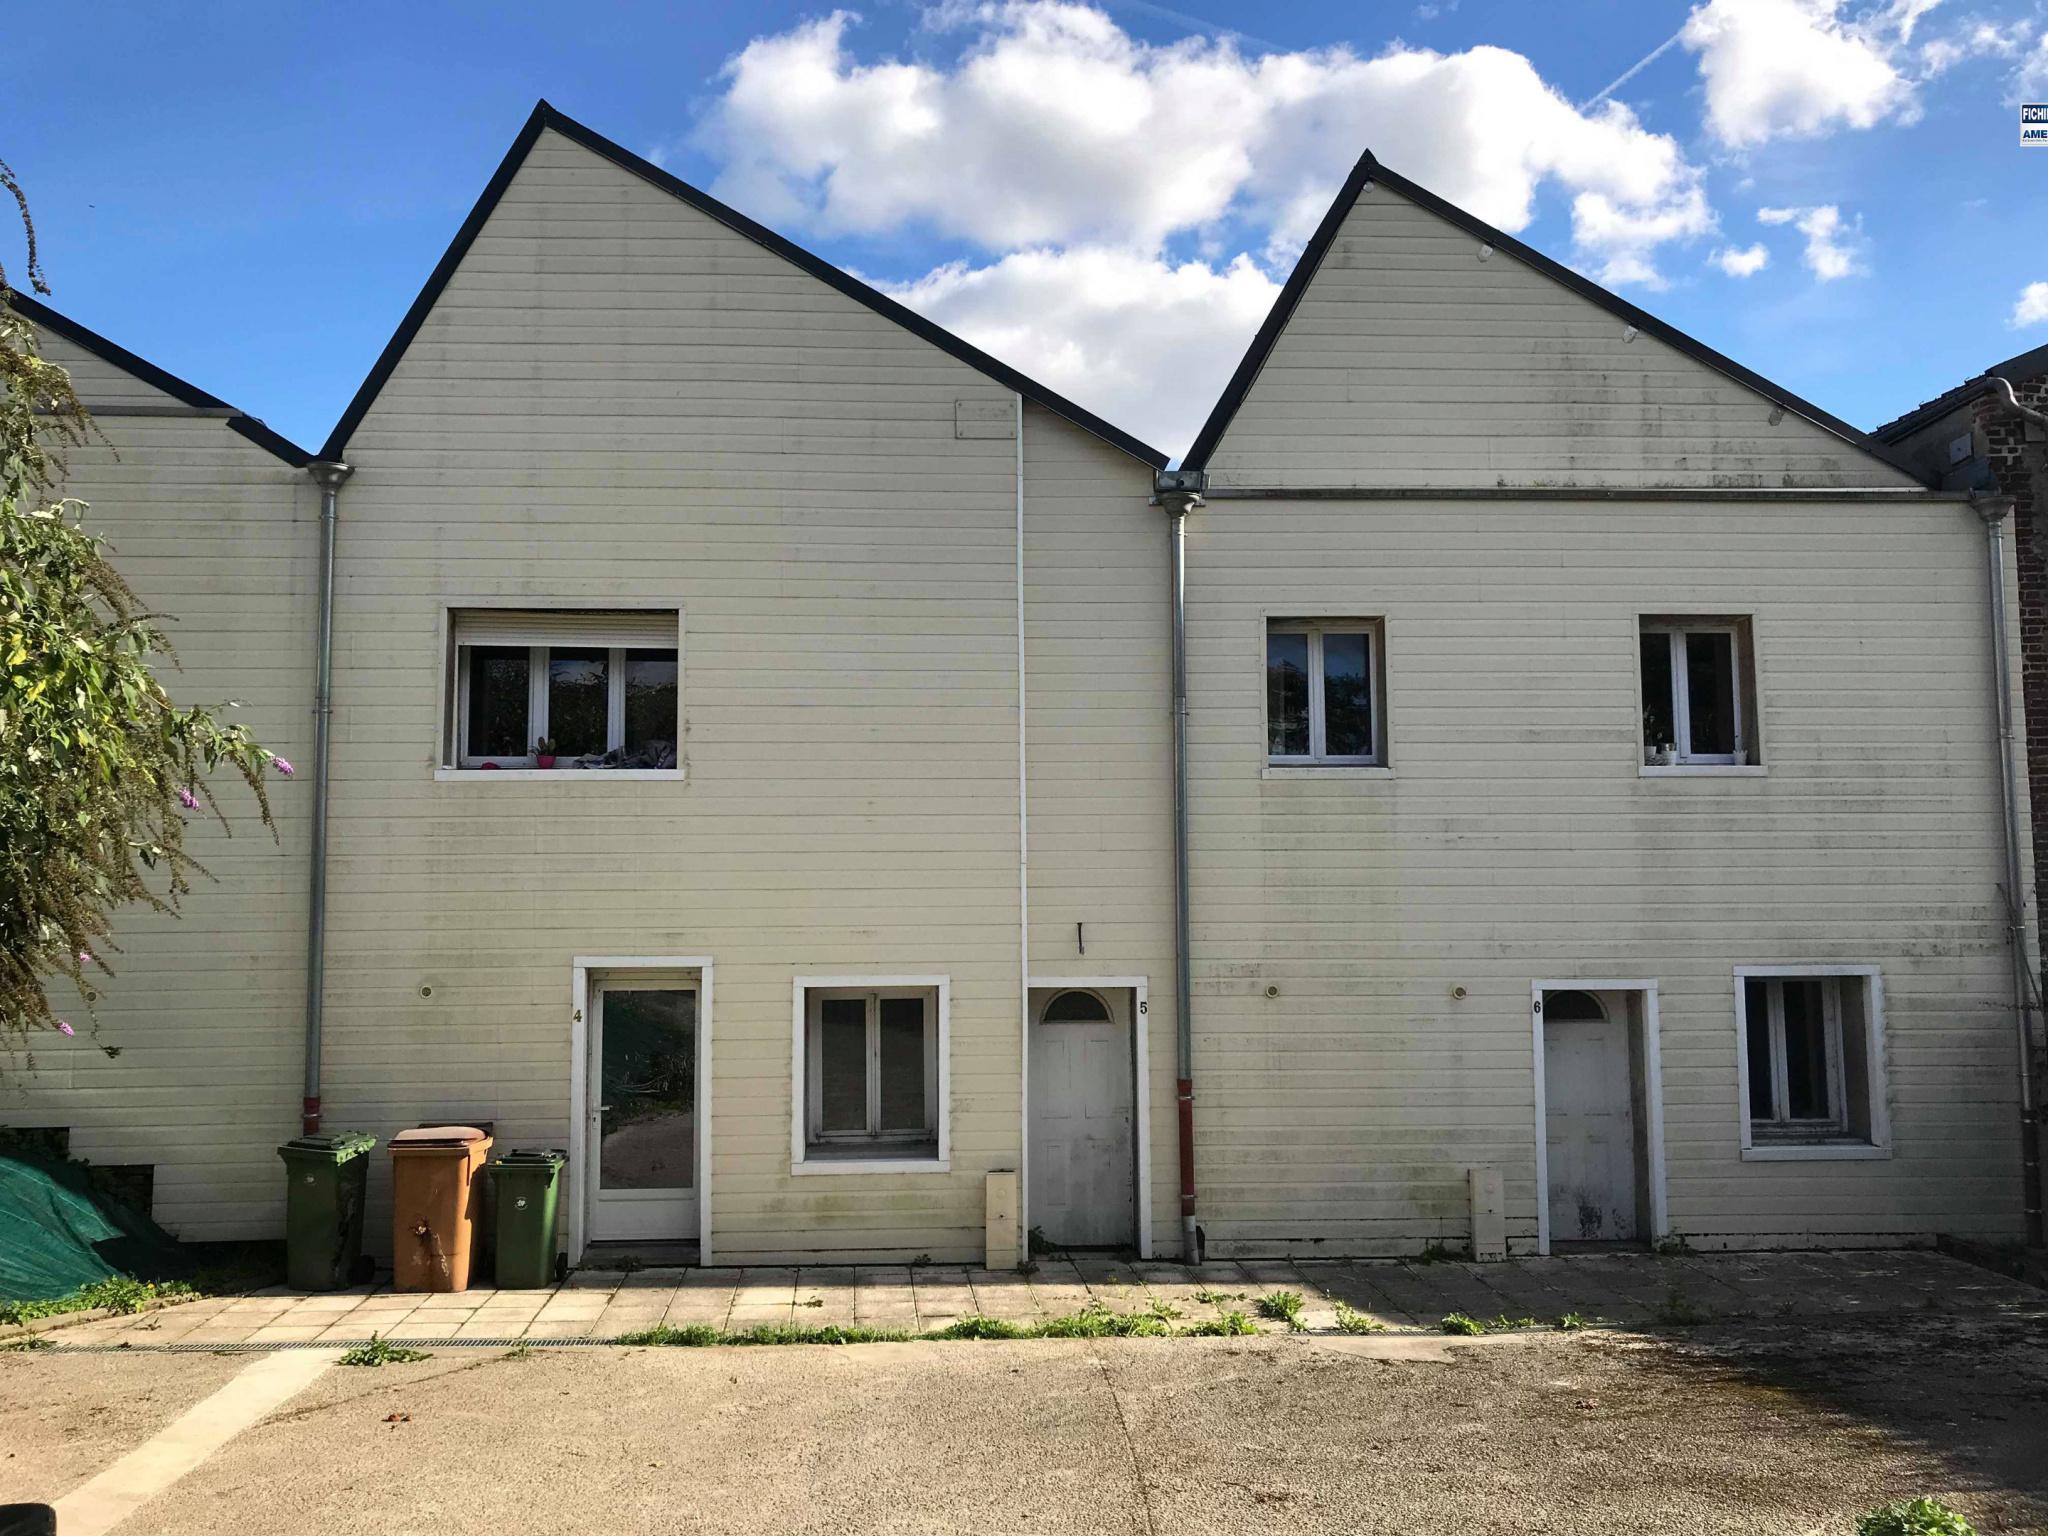 EXCLUSIF AMIENS Appartement de 27 m2 avec extérieur, idéal investisseur